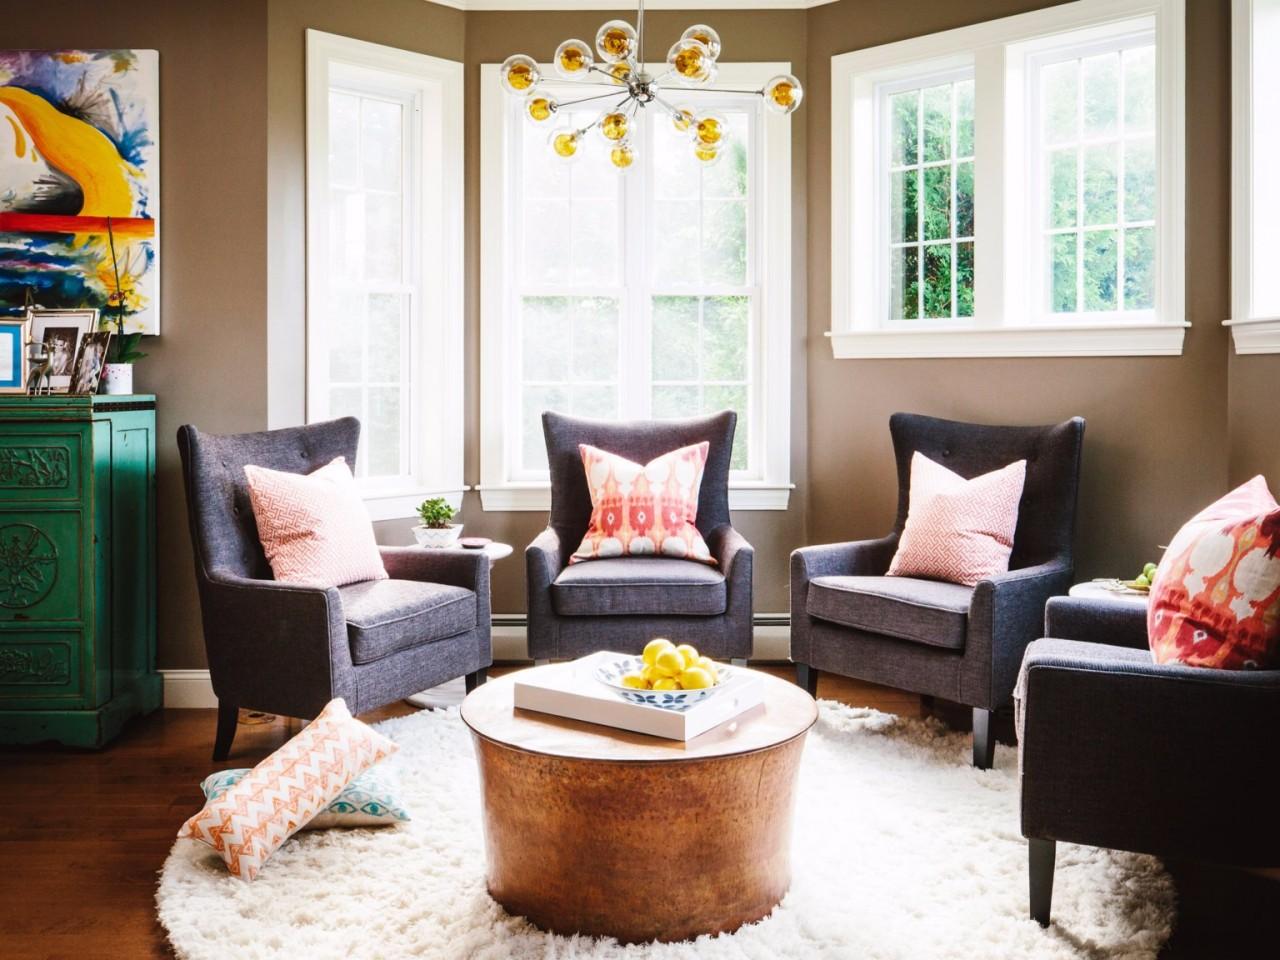 Советы экспертов: как сделать маленькую комнату просторнее